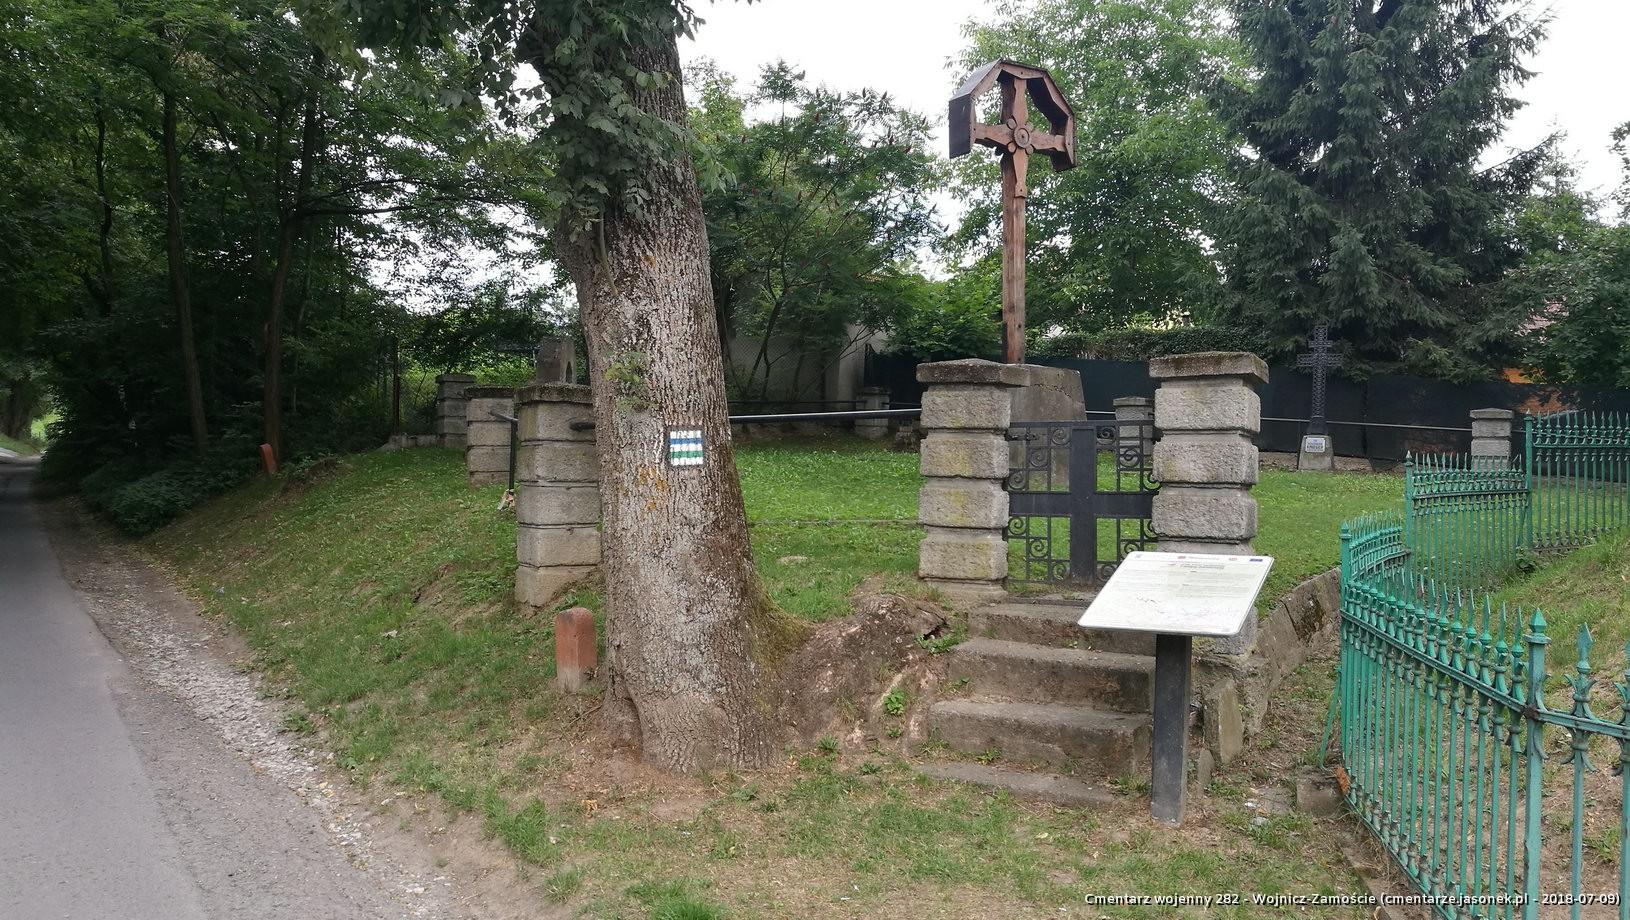 Cmentarz wojenny z I wojny nr 282 - Wojnicz-Zamoście